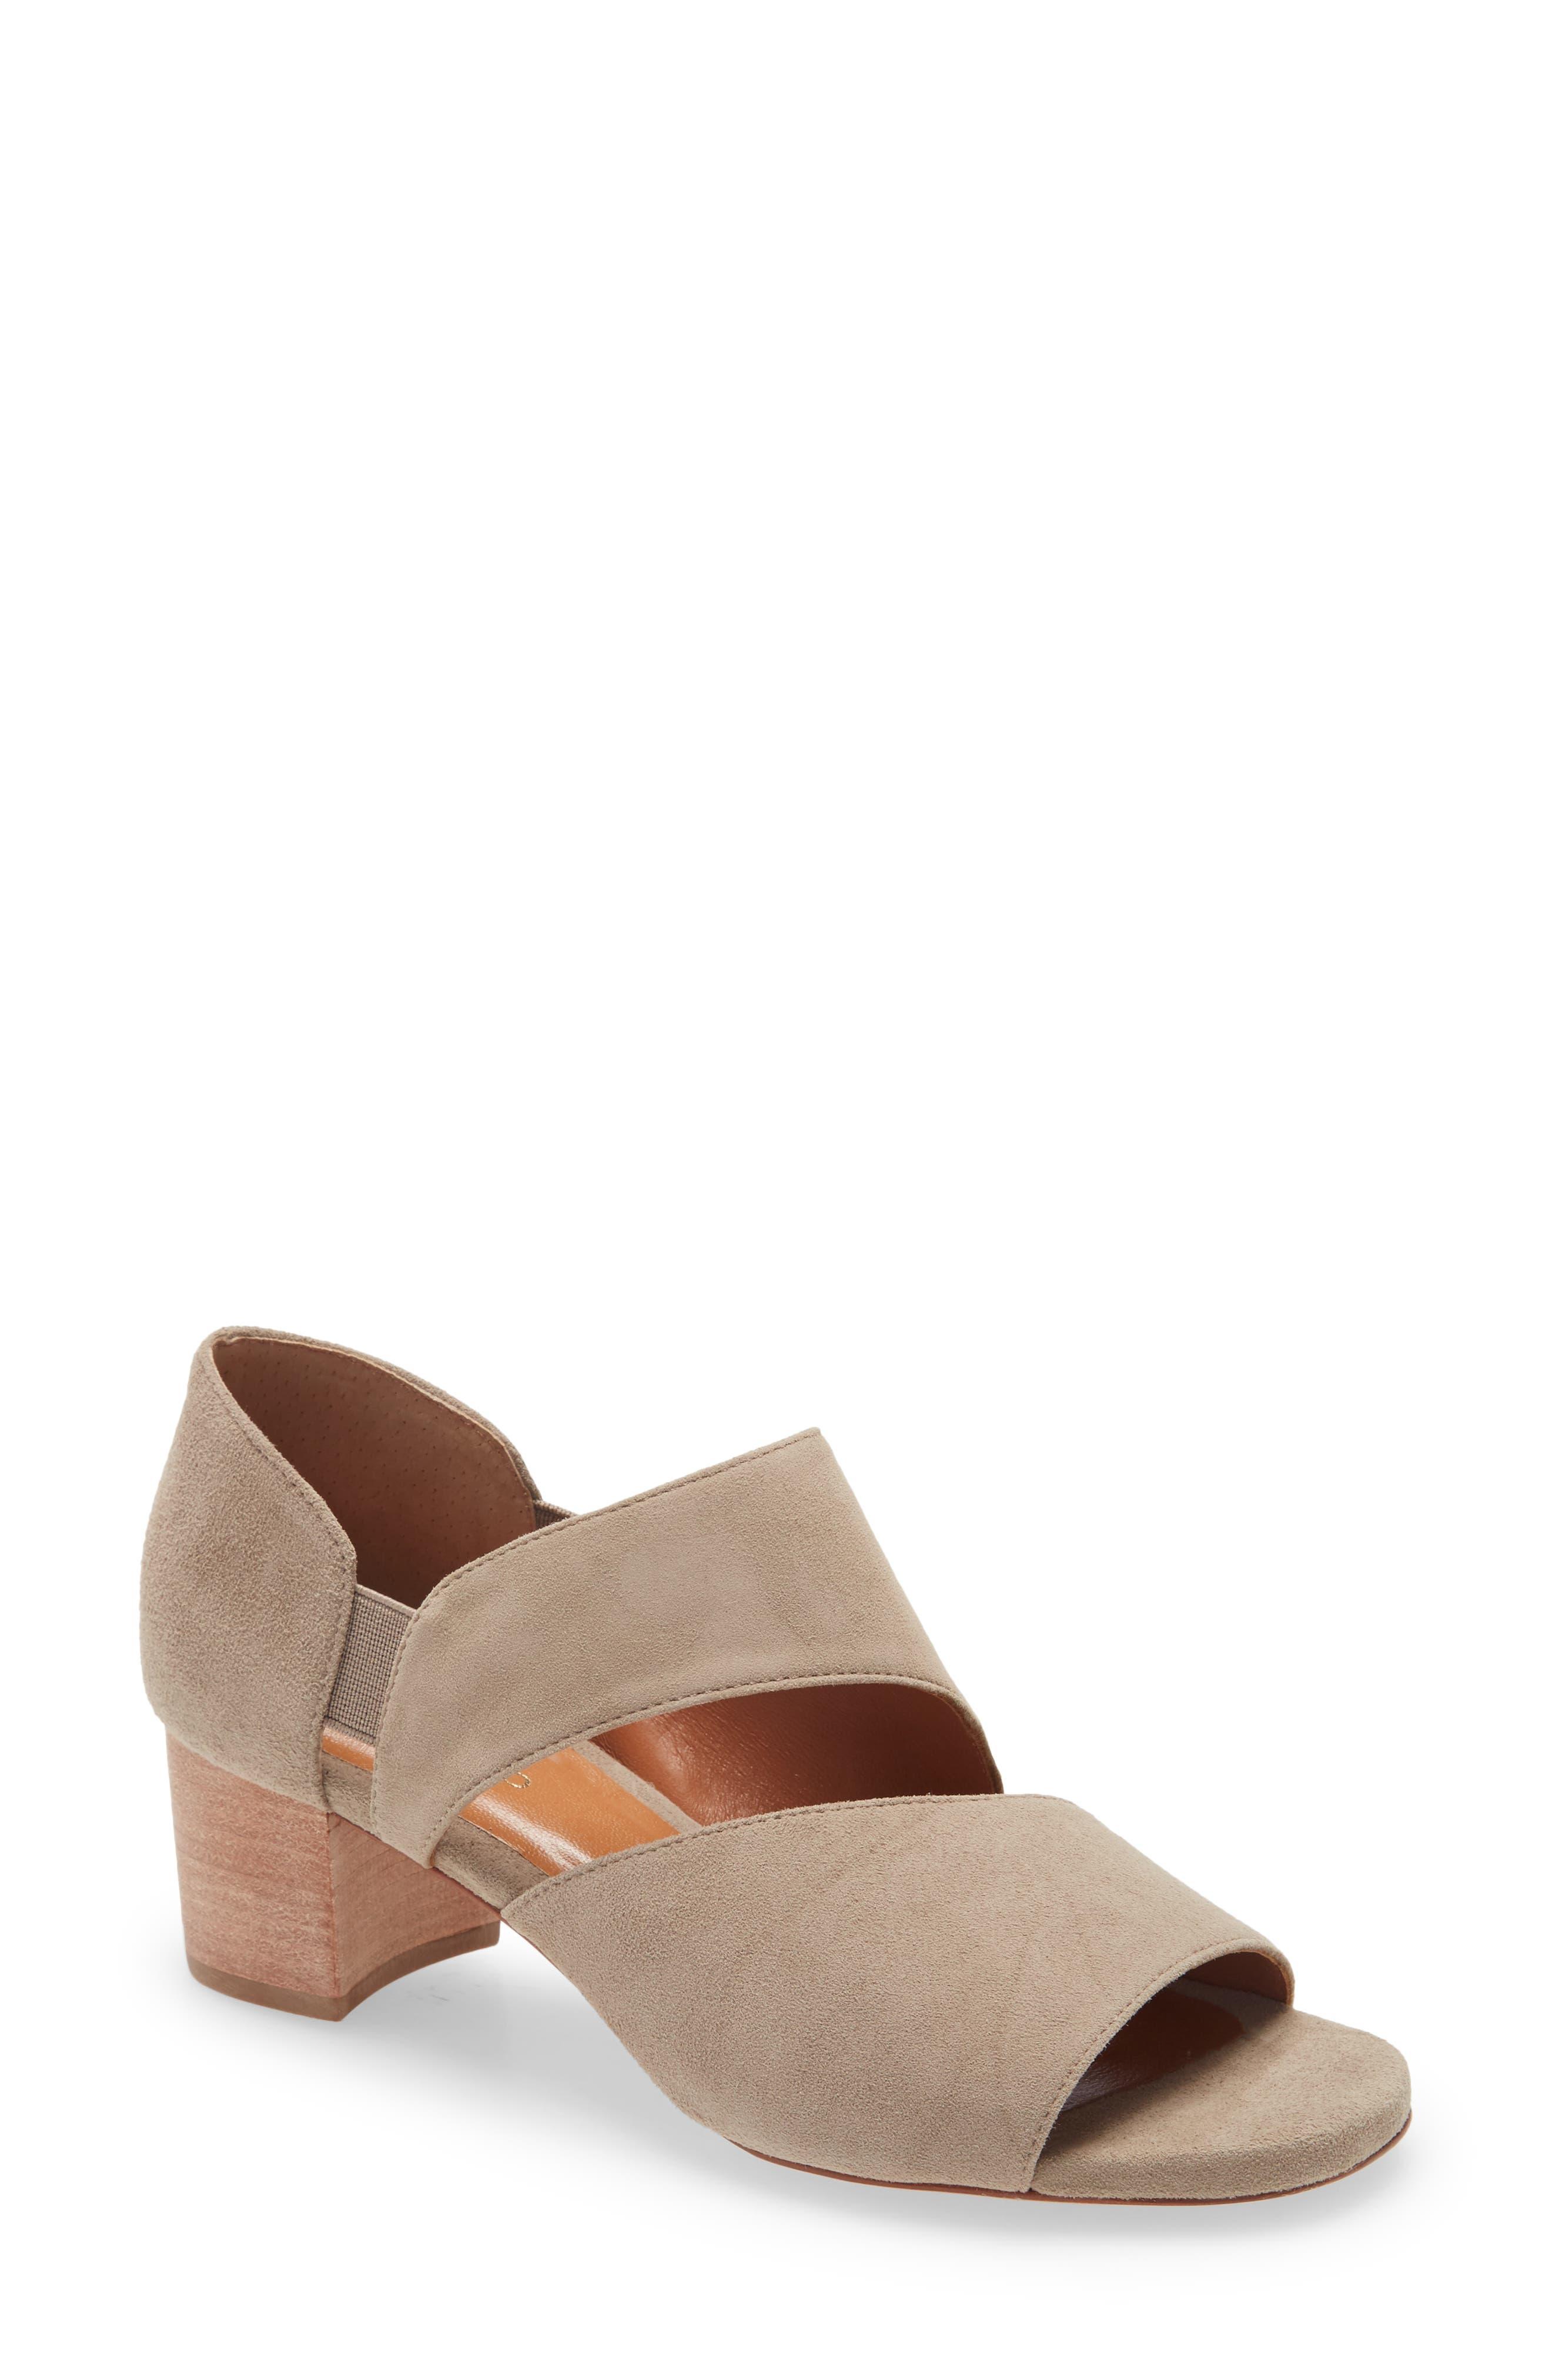 Darling Block Heel Sandal